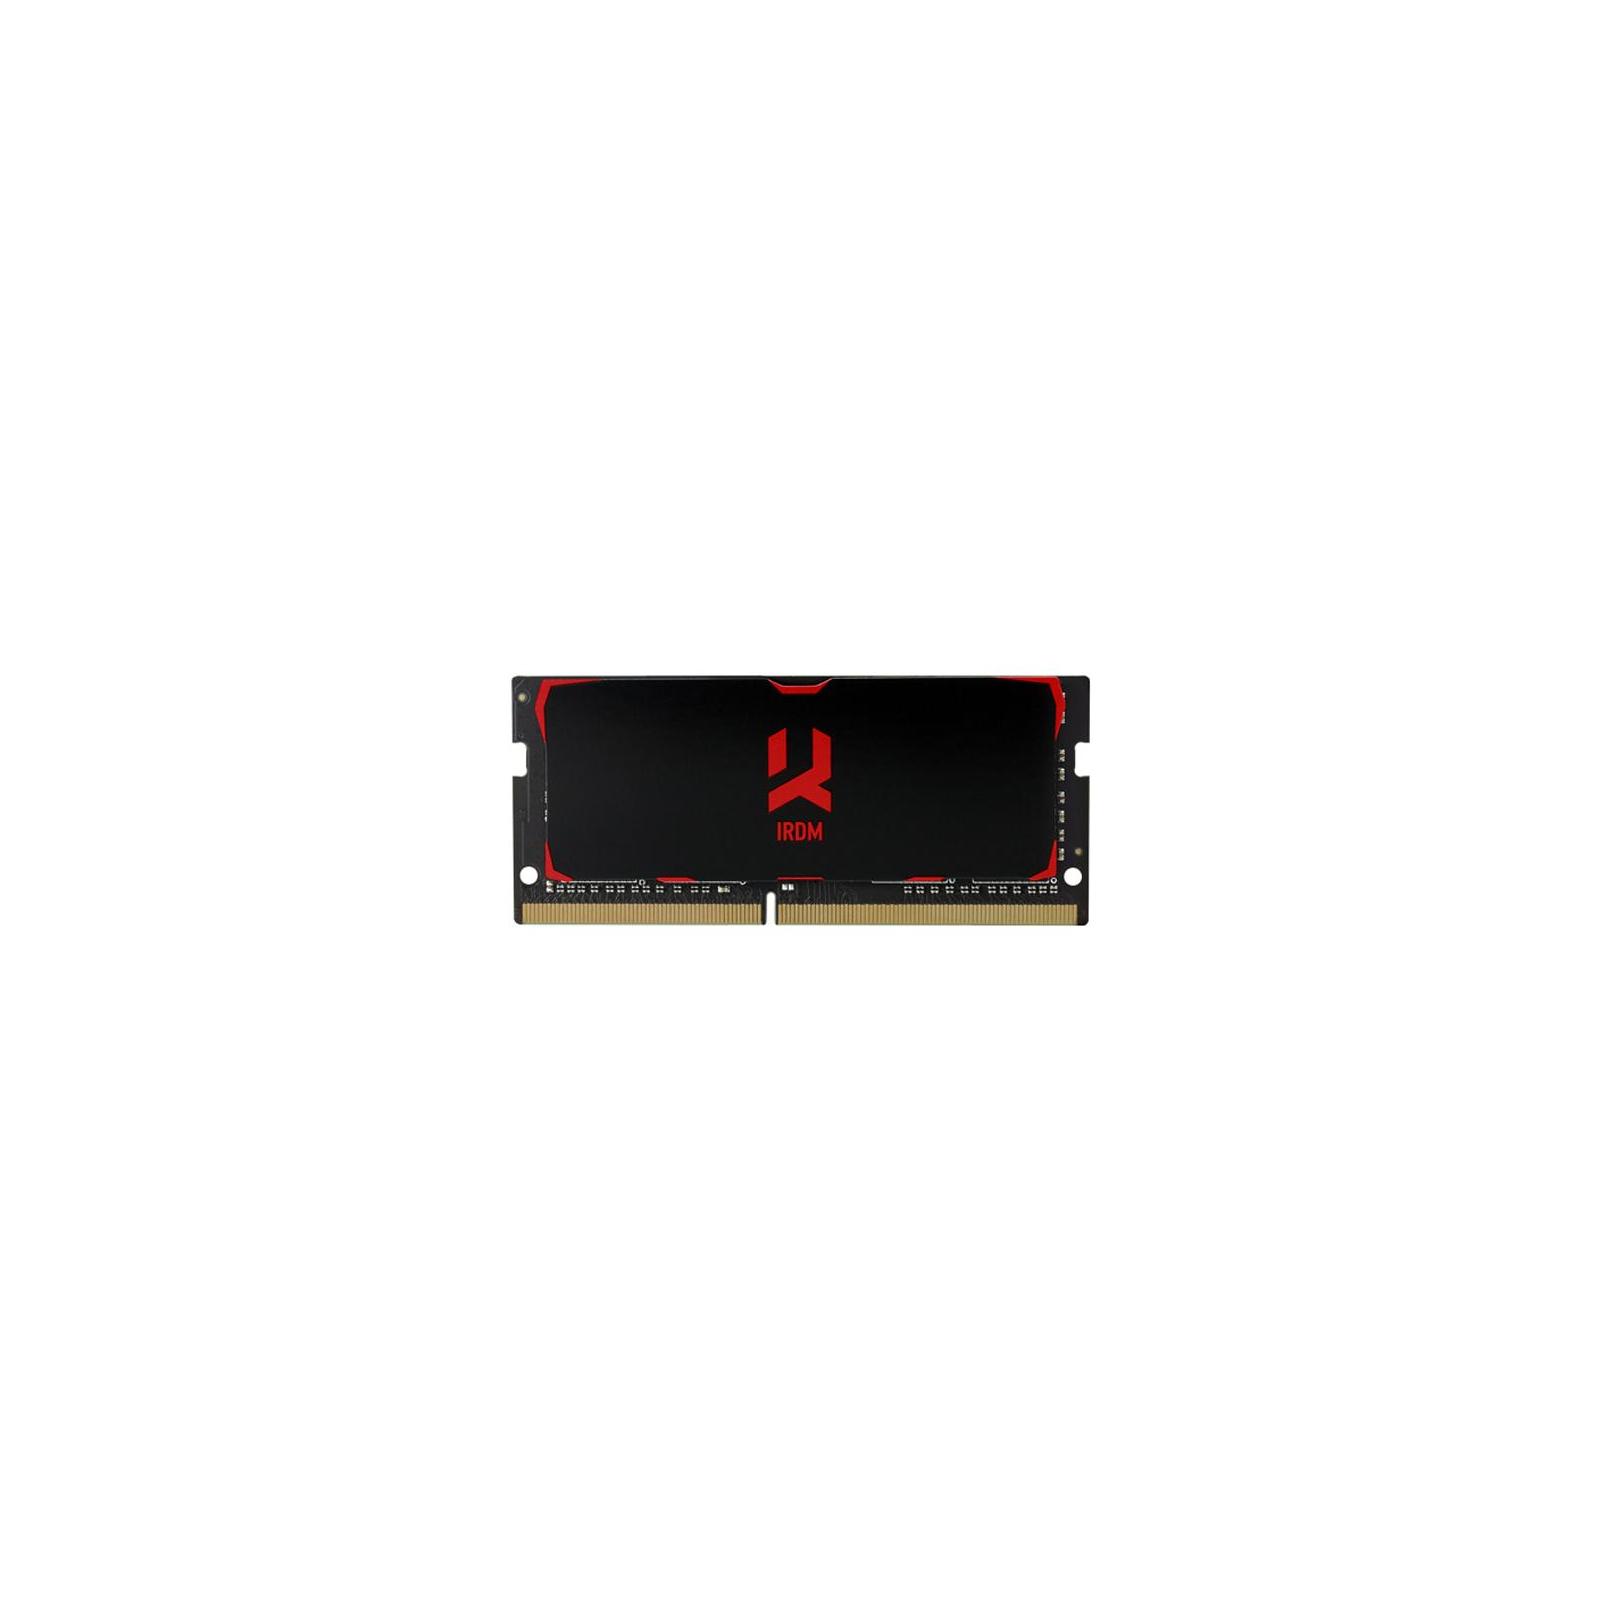 Модуль памяти для ноутбука SoDIMM DDR4 4GB 2666 MHz IRDM GOODRAM (IR-2666S464L16S/4G)